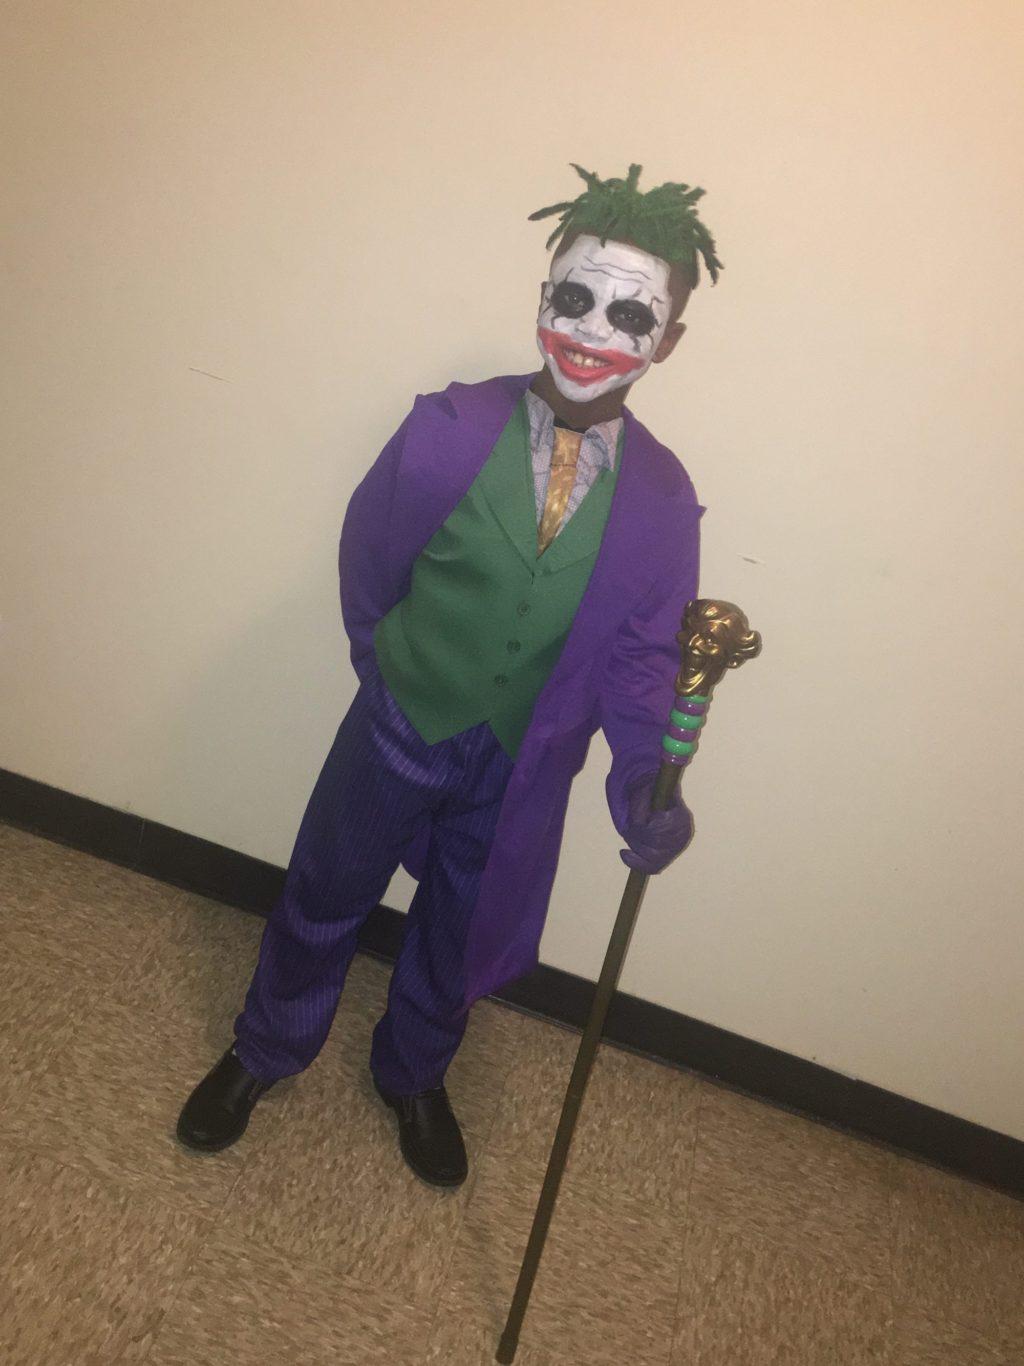 The Joker's Son